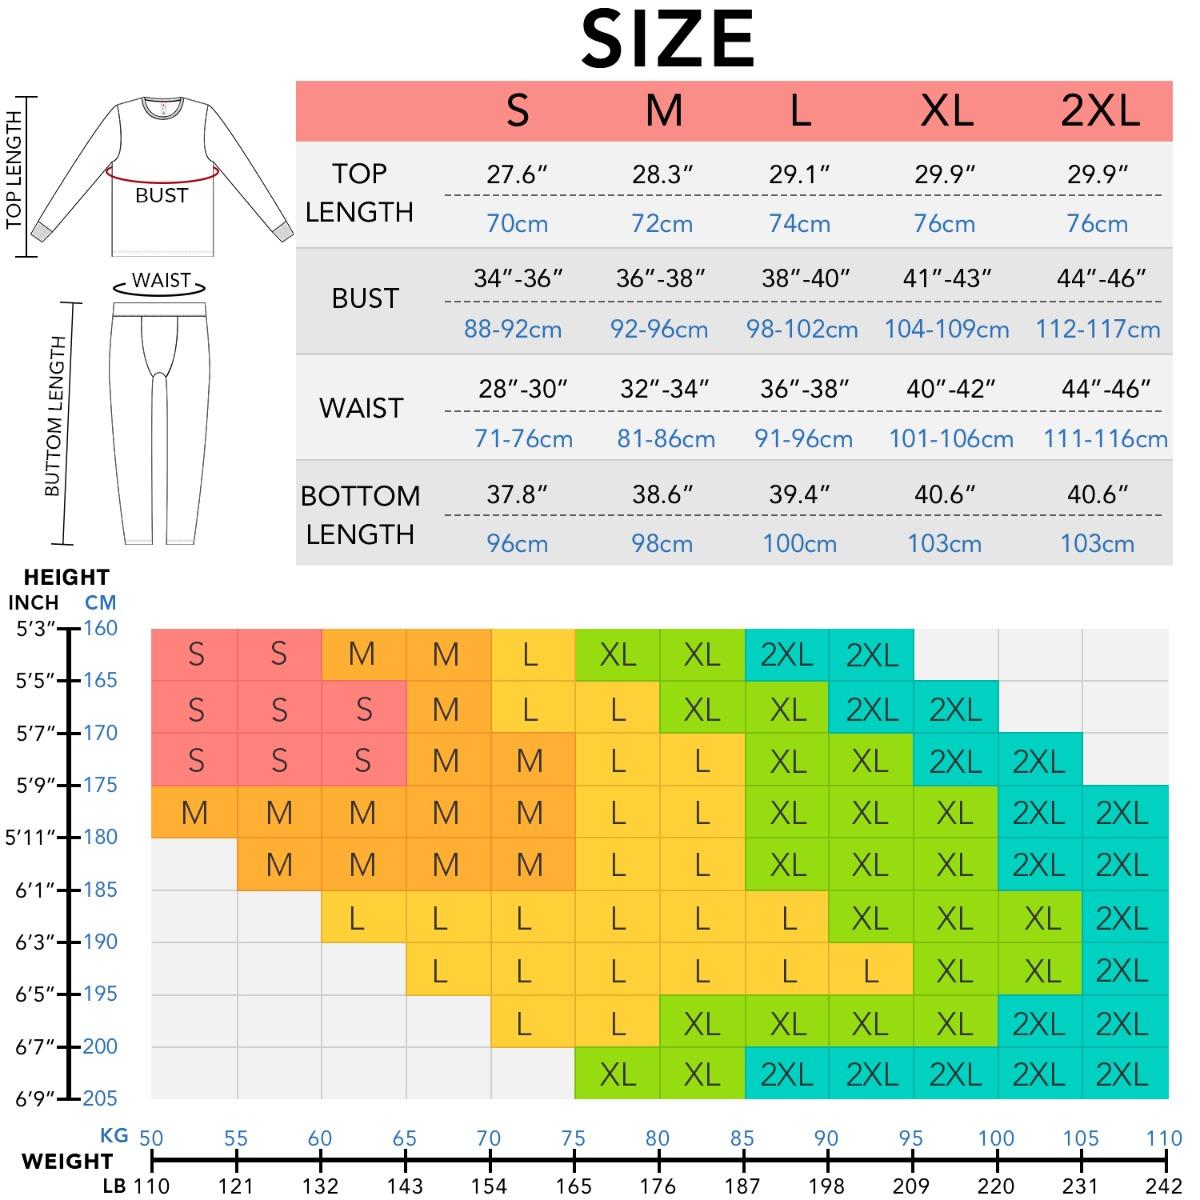 M63 size chart